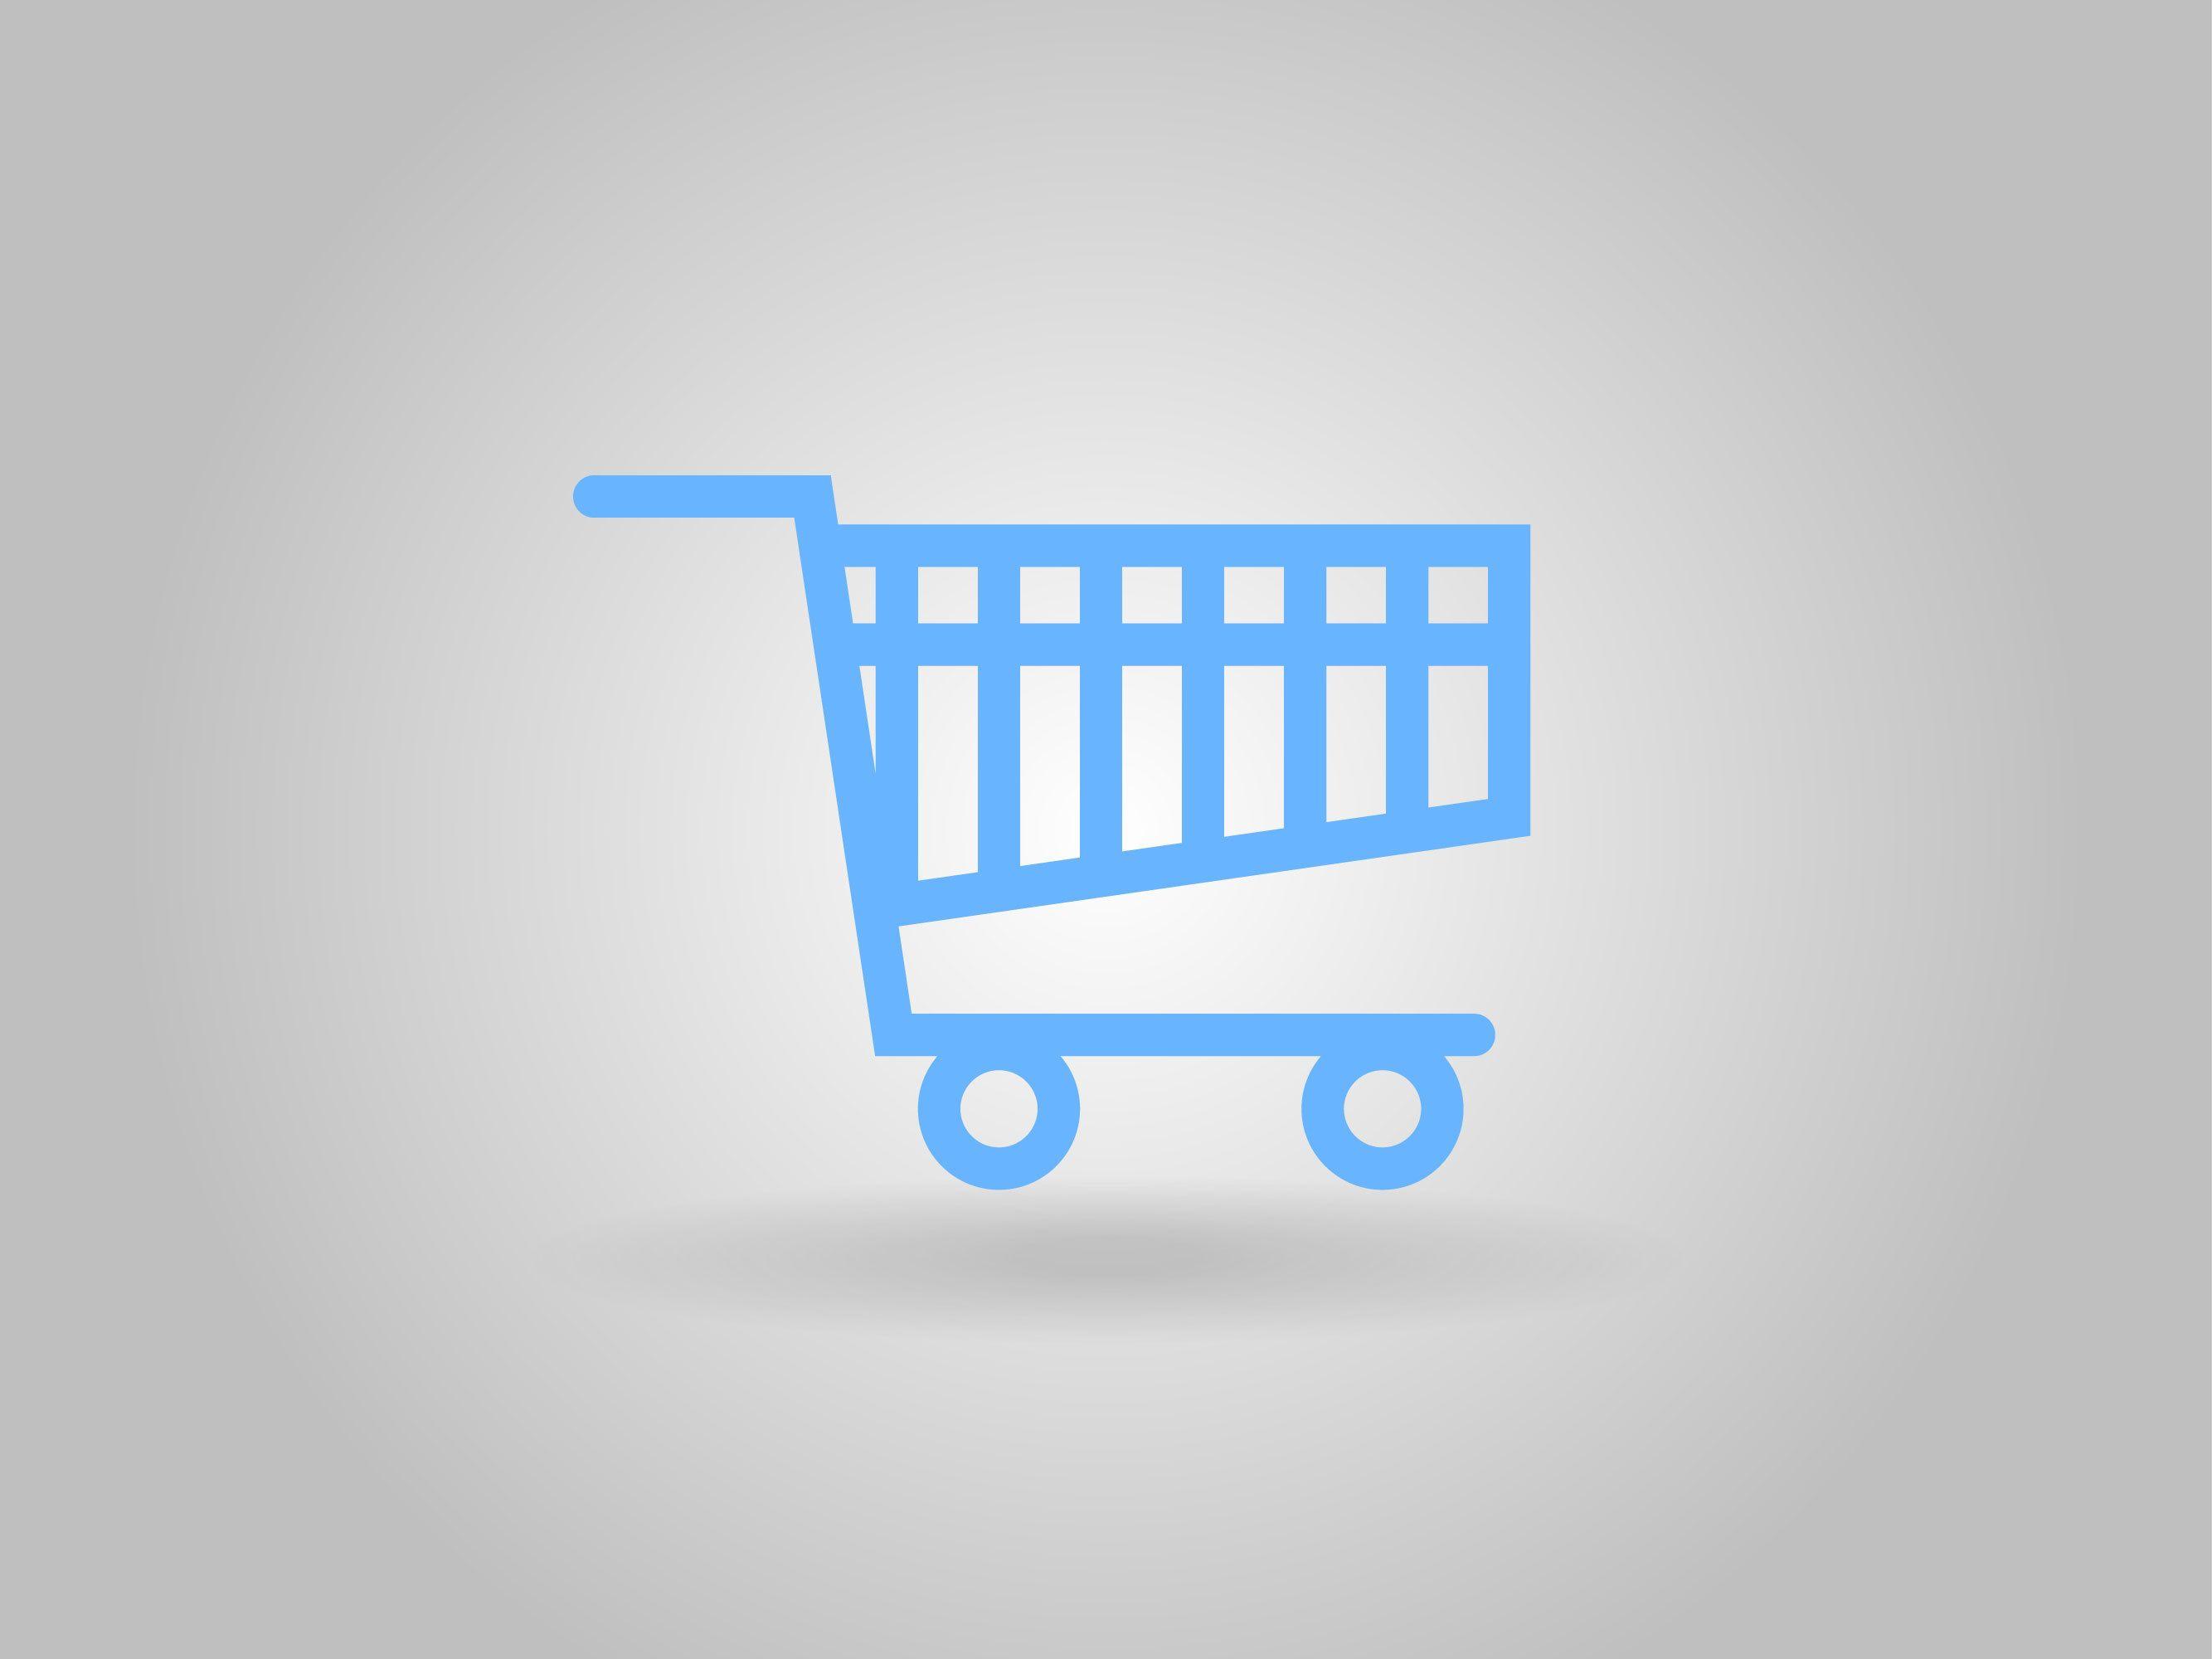 les 3 types d'acheteurs comment augmenter les conversions de tous.jpg